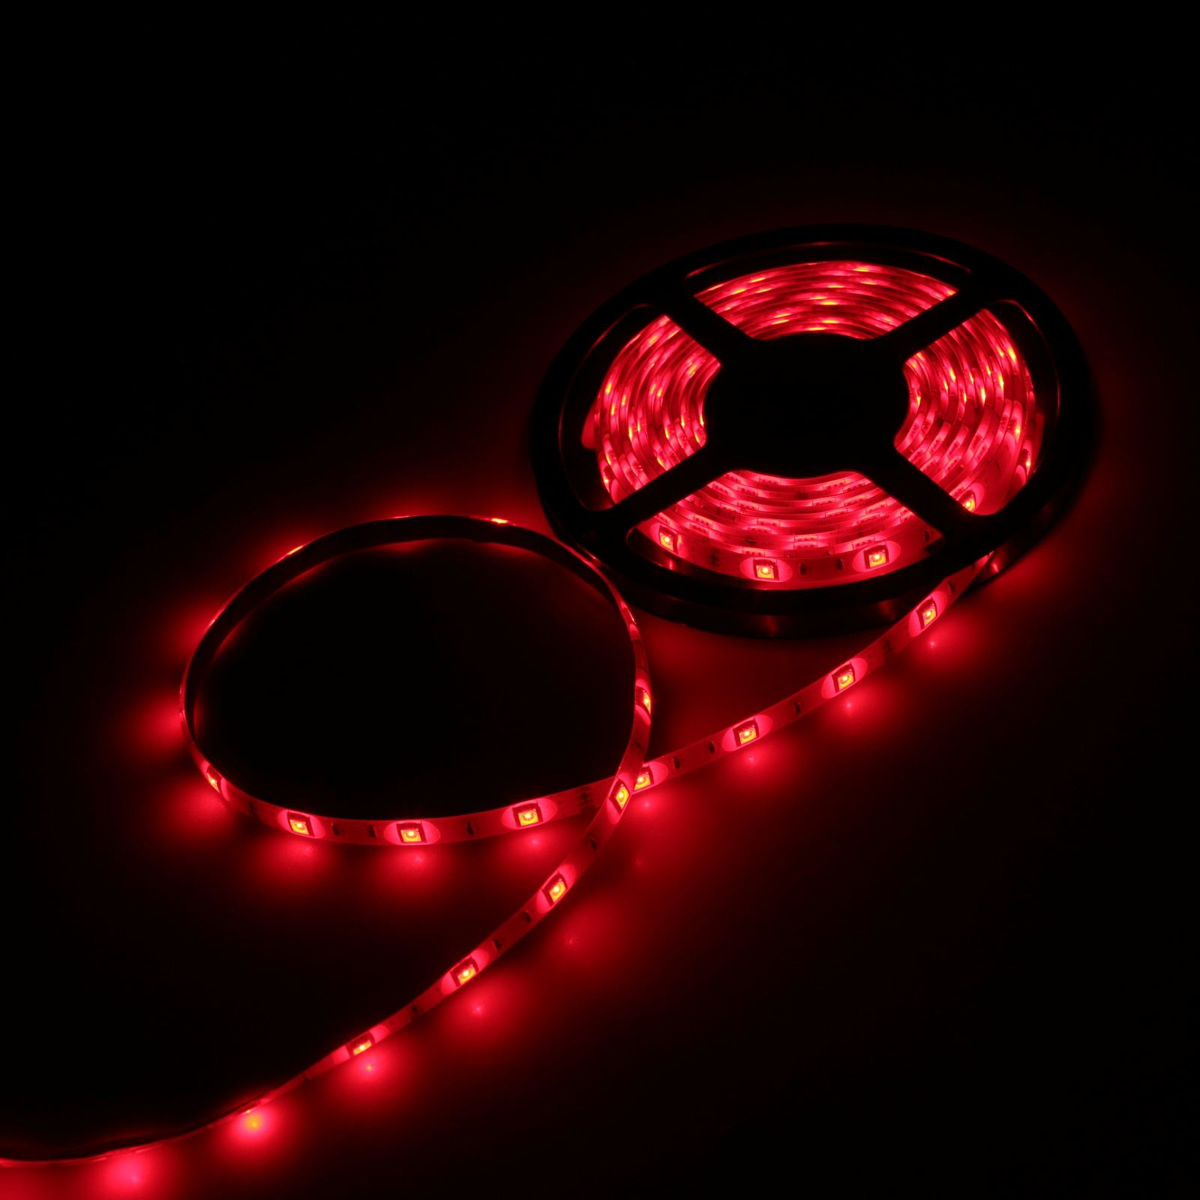 Светодиодная лента Luazon, 12В, SMD5050, длина 5 м, IP65, 30 LED ламп, 7.2 Вт/м, 14-16 Лм/1 LED, DC, цвет: красный501-047Светодиодные гирлянды, ленты и т.д — это отличный вариант для новогоднего оформления интерьера или фасада. С их помощью помещение любого размера можно превратить в праздничный зал, а внешние элементы зданий, украшенные ими, мгновенно станут напоминать очертания сказочного дворца. Такие украшения создают ауру предвкушения чуда. Деревья, фасады, витрины, окна и арки будто специально созданы, чтобы вы украсили их светящимися нитями.